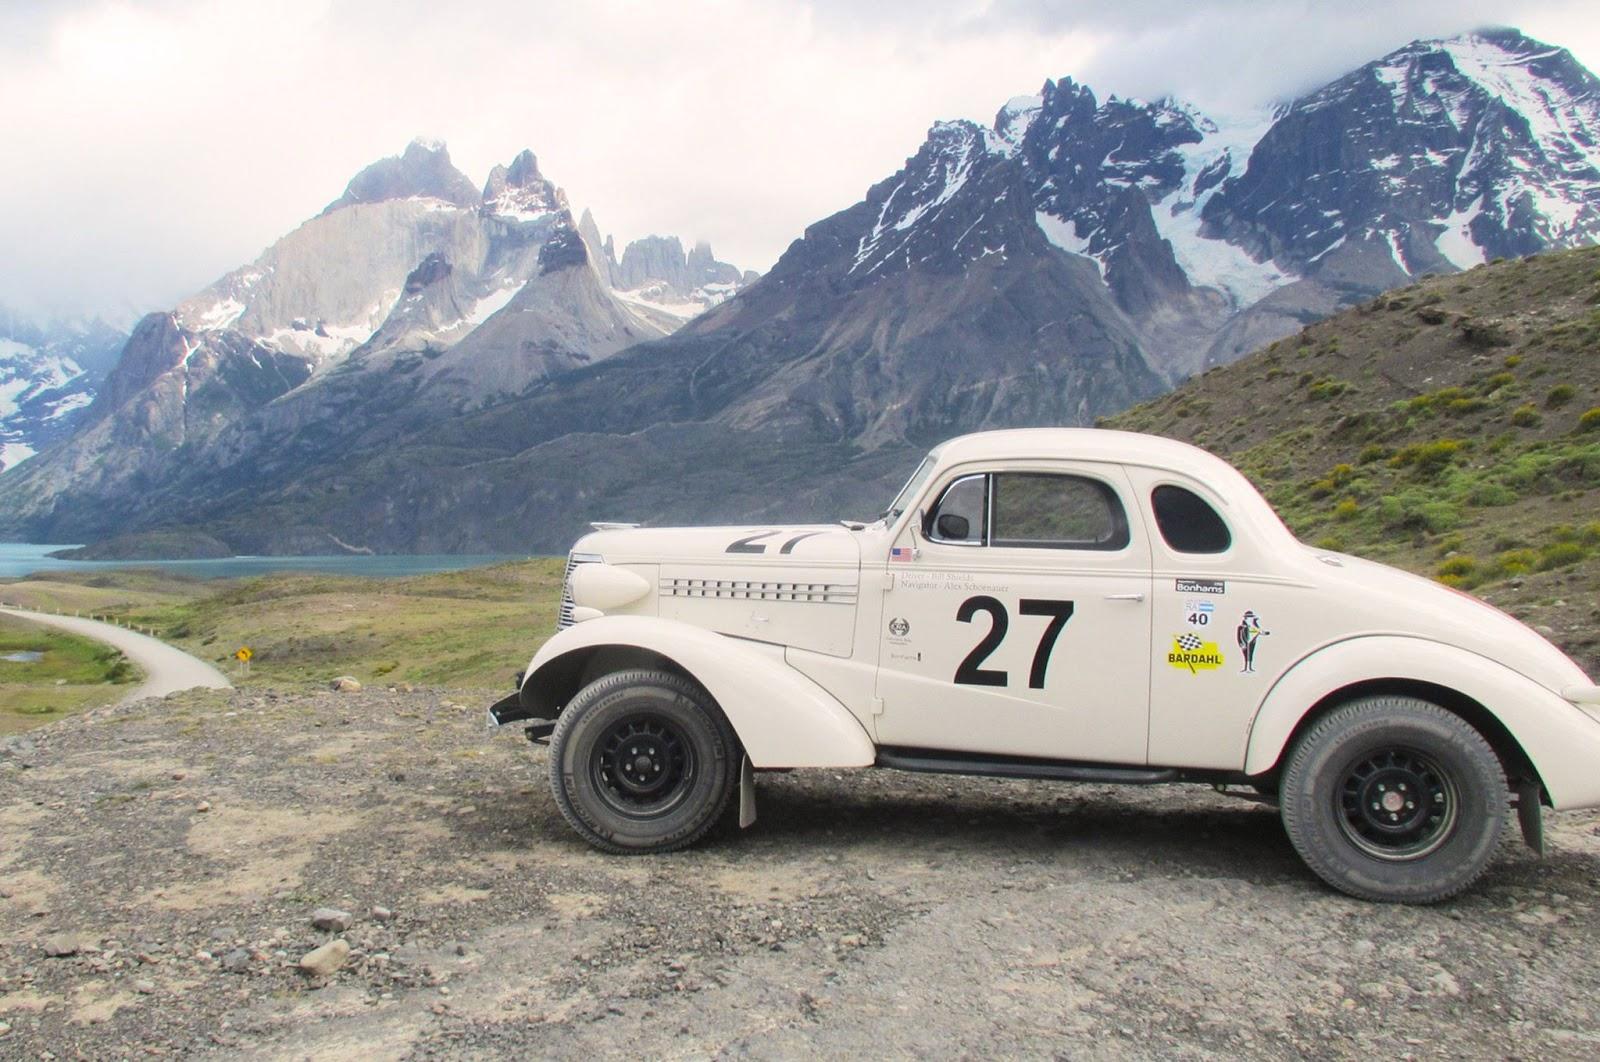 Rally racing cars